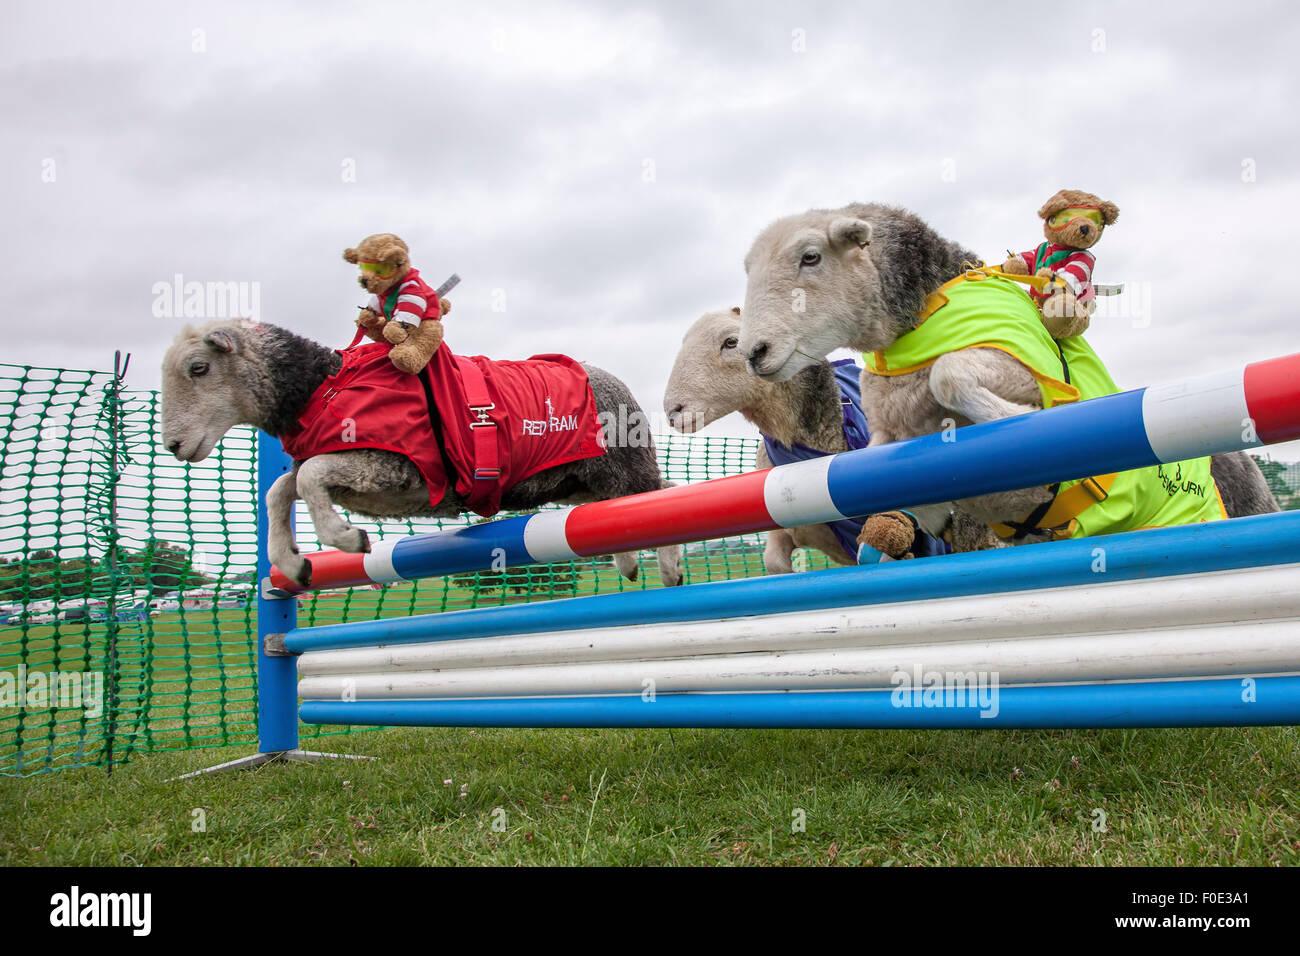 Il Castello di Rockingham, Northamptonshire, Regno Unito. Il 13 agosto 2015. Undicesimo Kennel Club Internazionale Immagini Stock